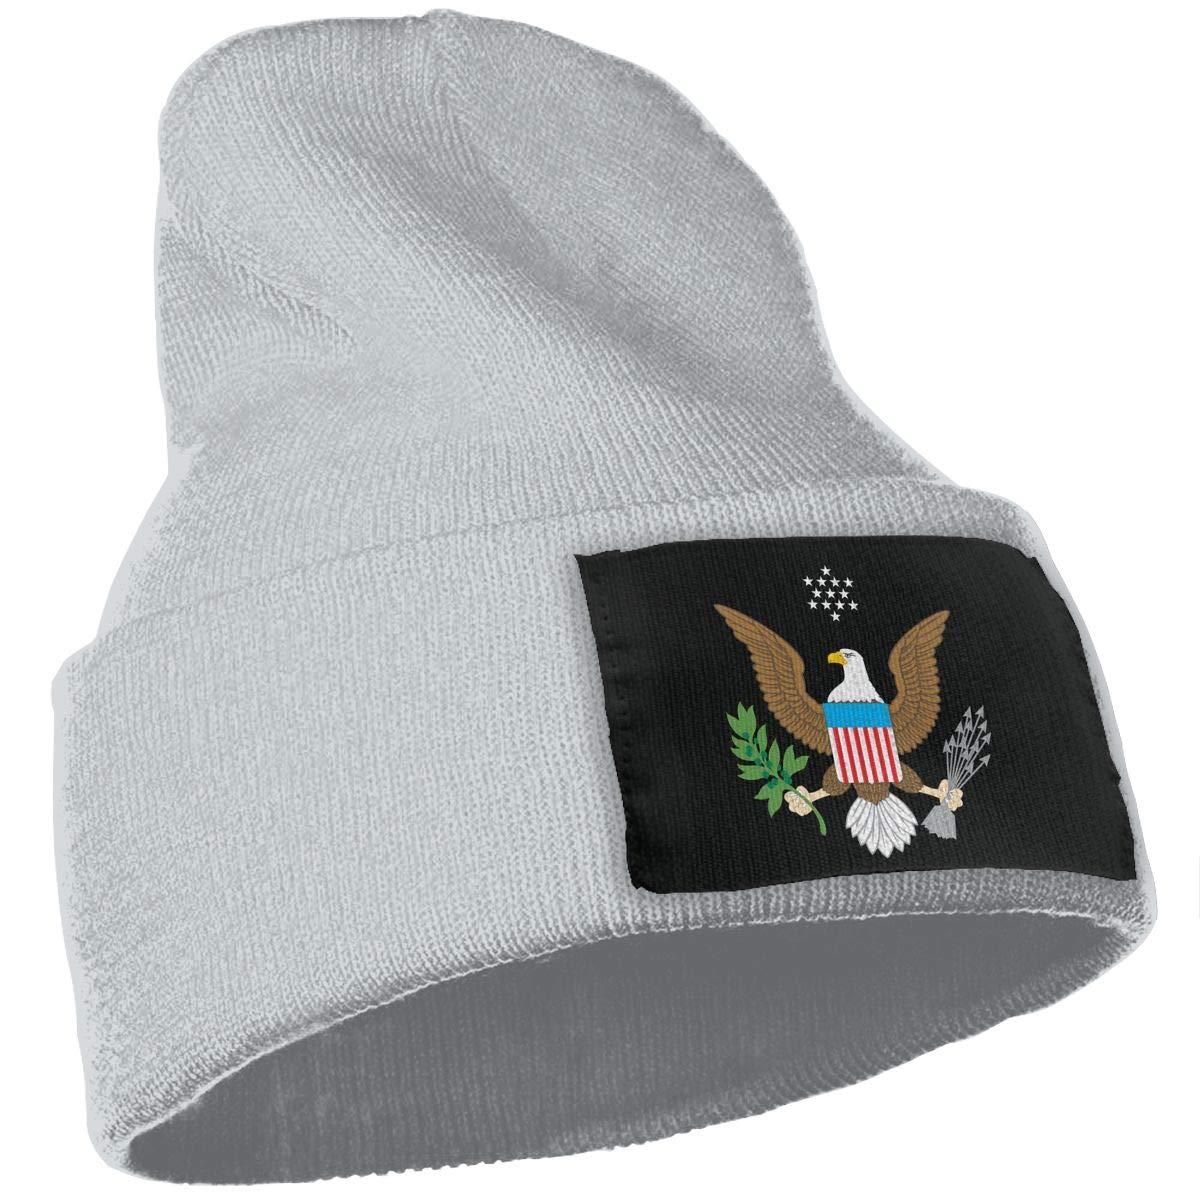 SLADDD1 Whale Warm Winter Hat Knit Beanie Skull Cap Cuff Beanie Hat Winter Hats for Men /& Women